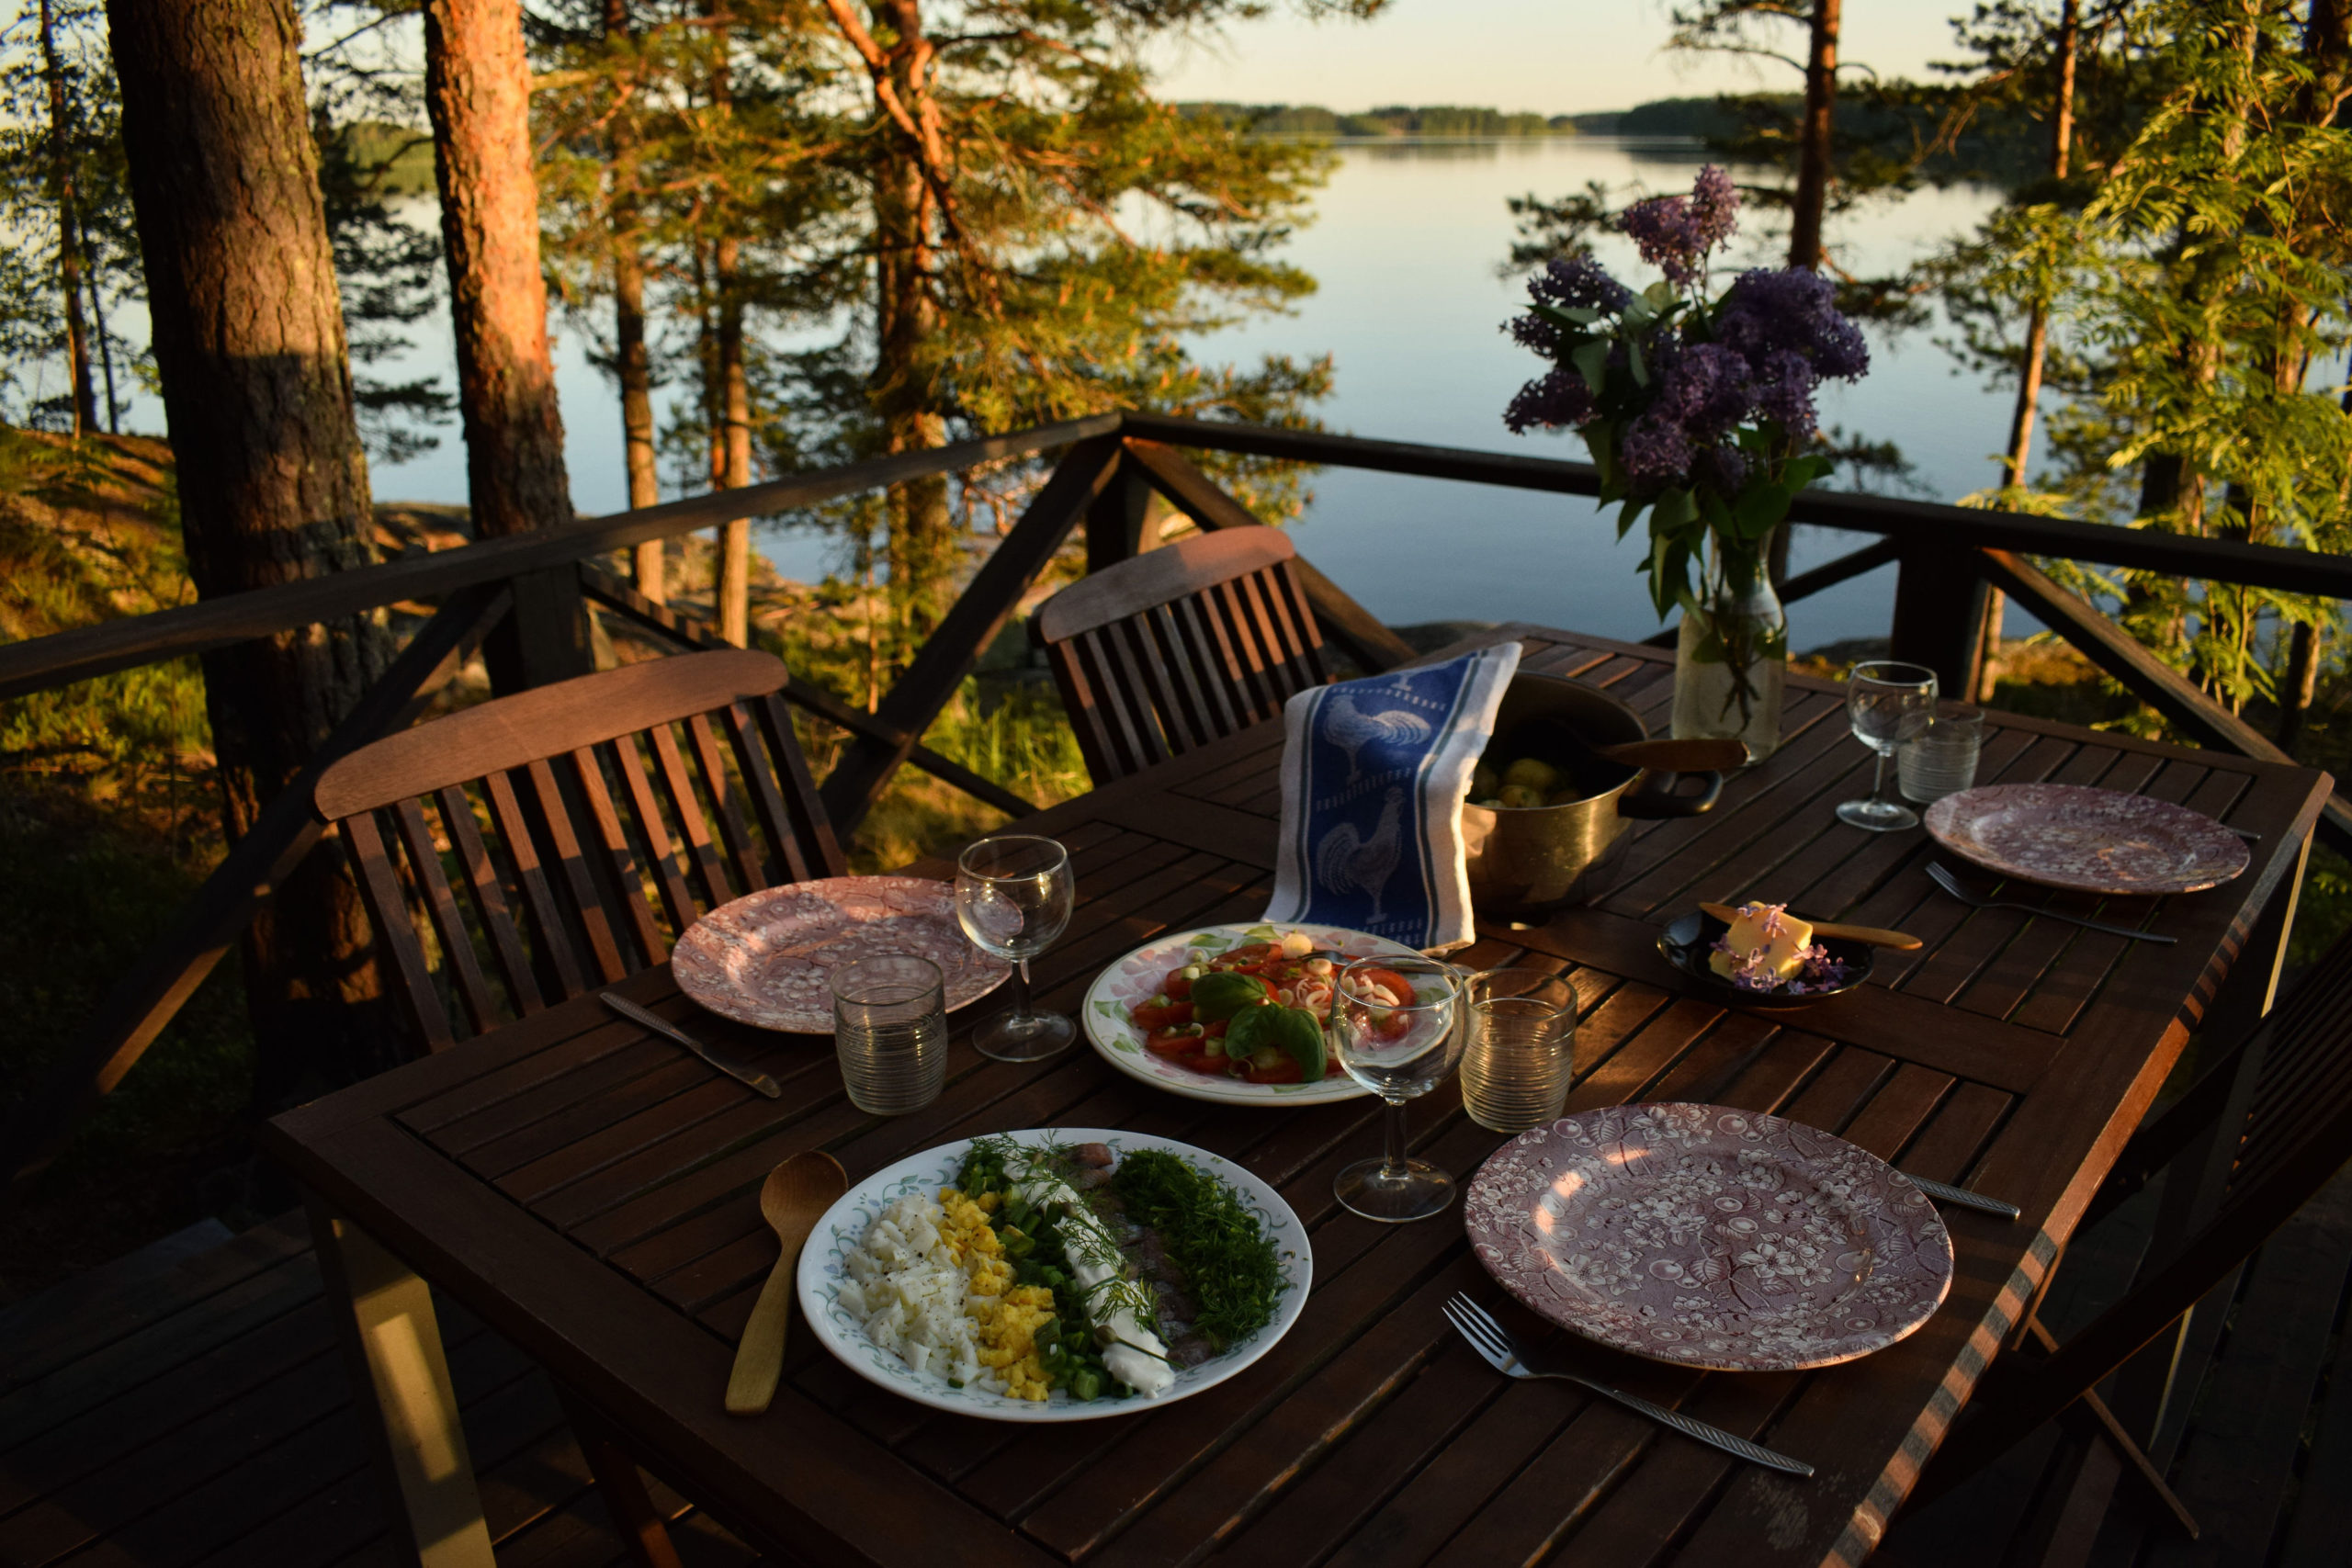 Lakeside terrace view at Kukkoniemen Lomamökit rental cottages in Punkaharju, Saimaa